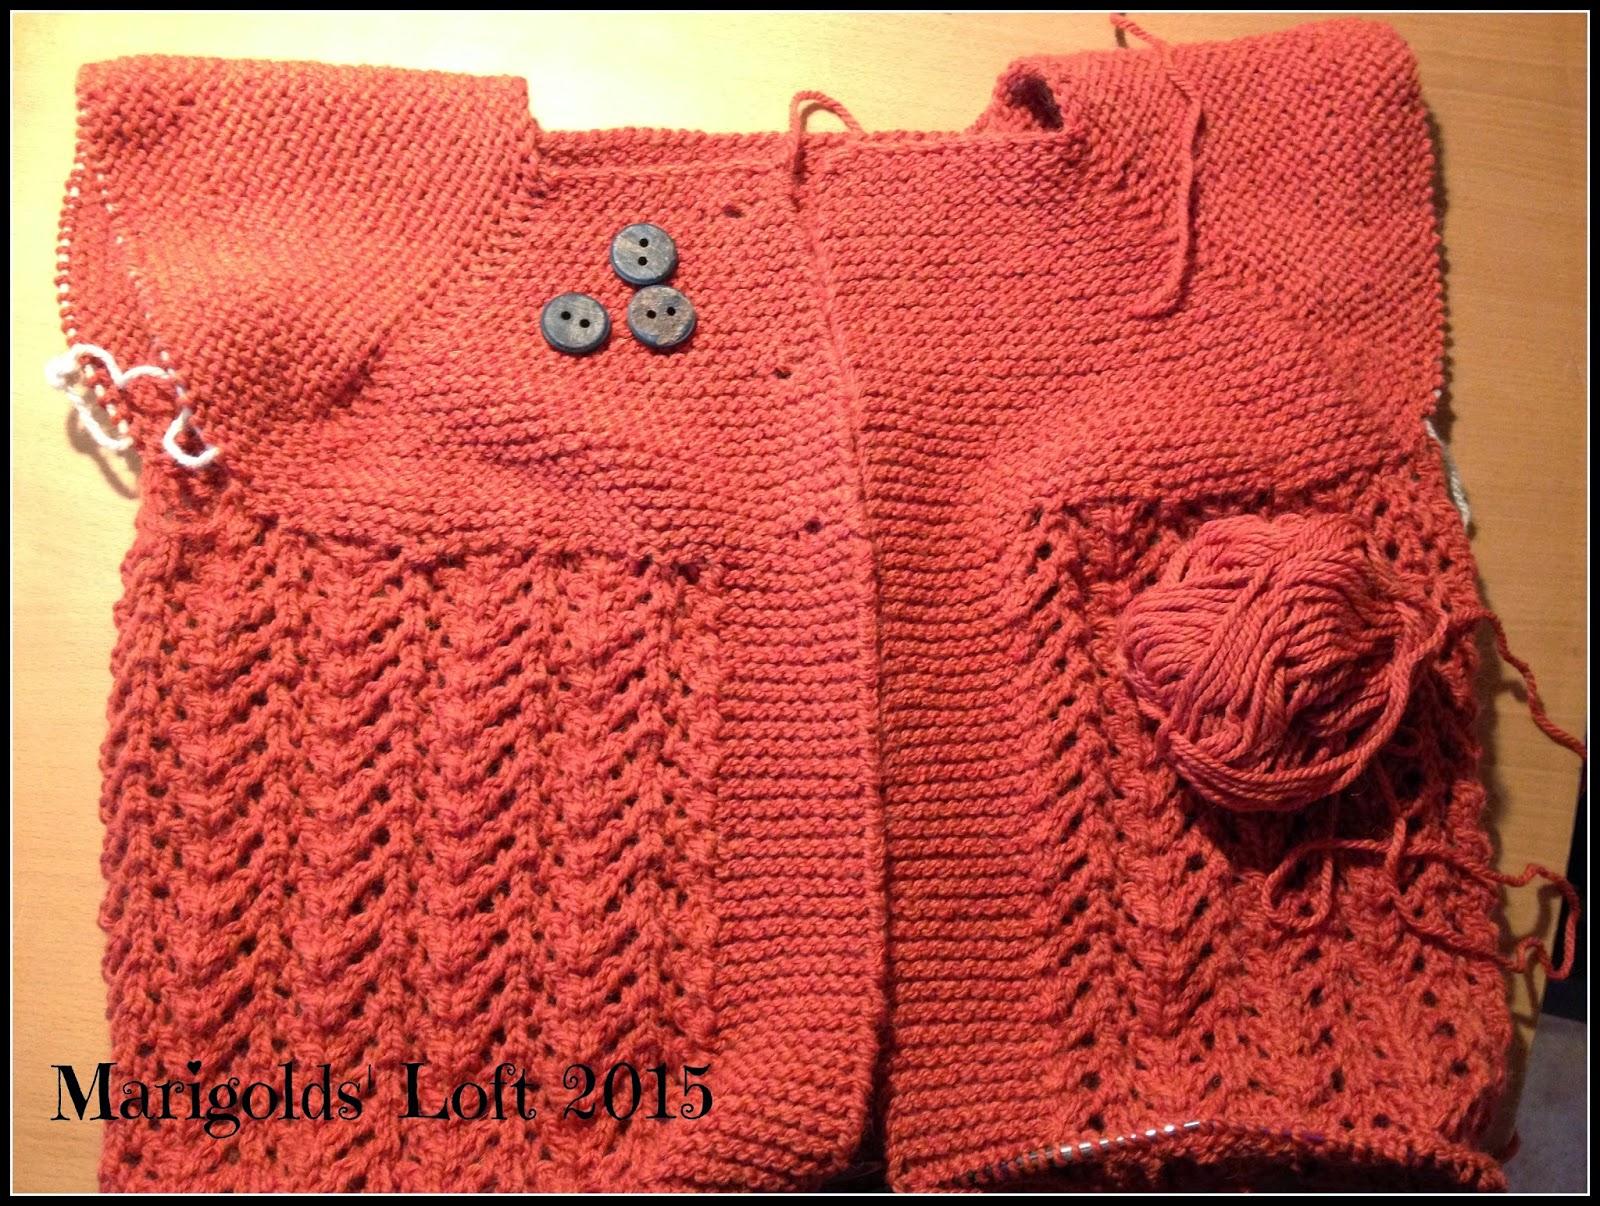 February Lady Sweater Ravelry